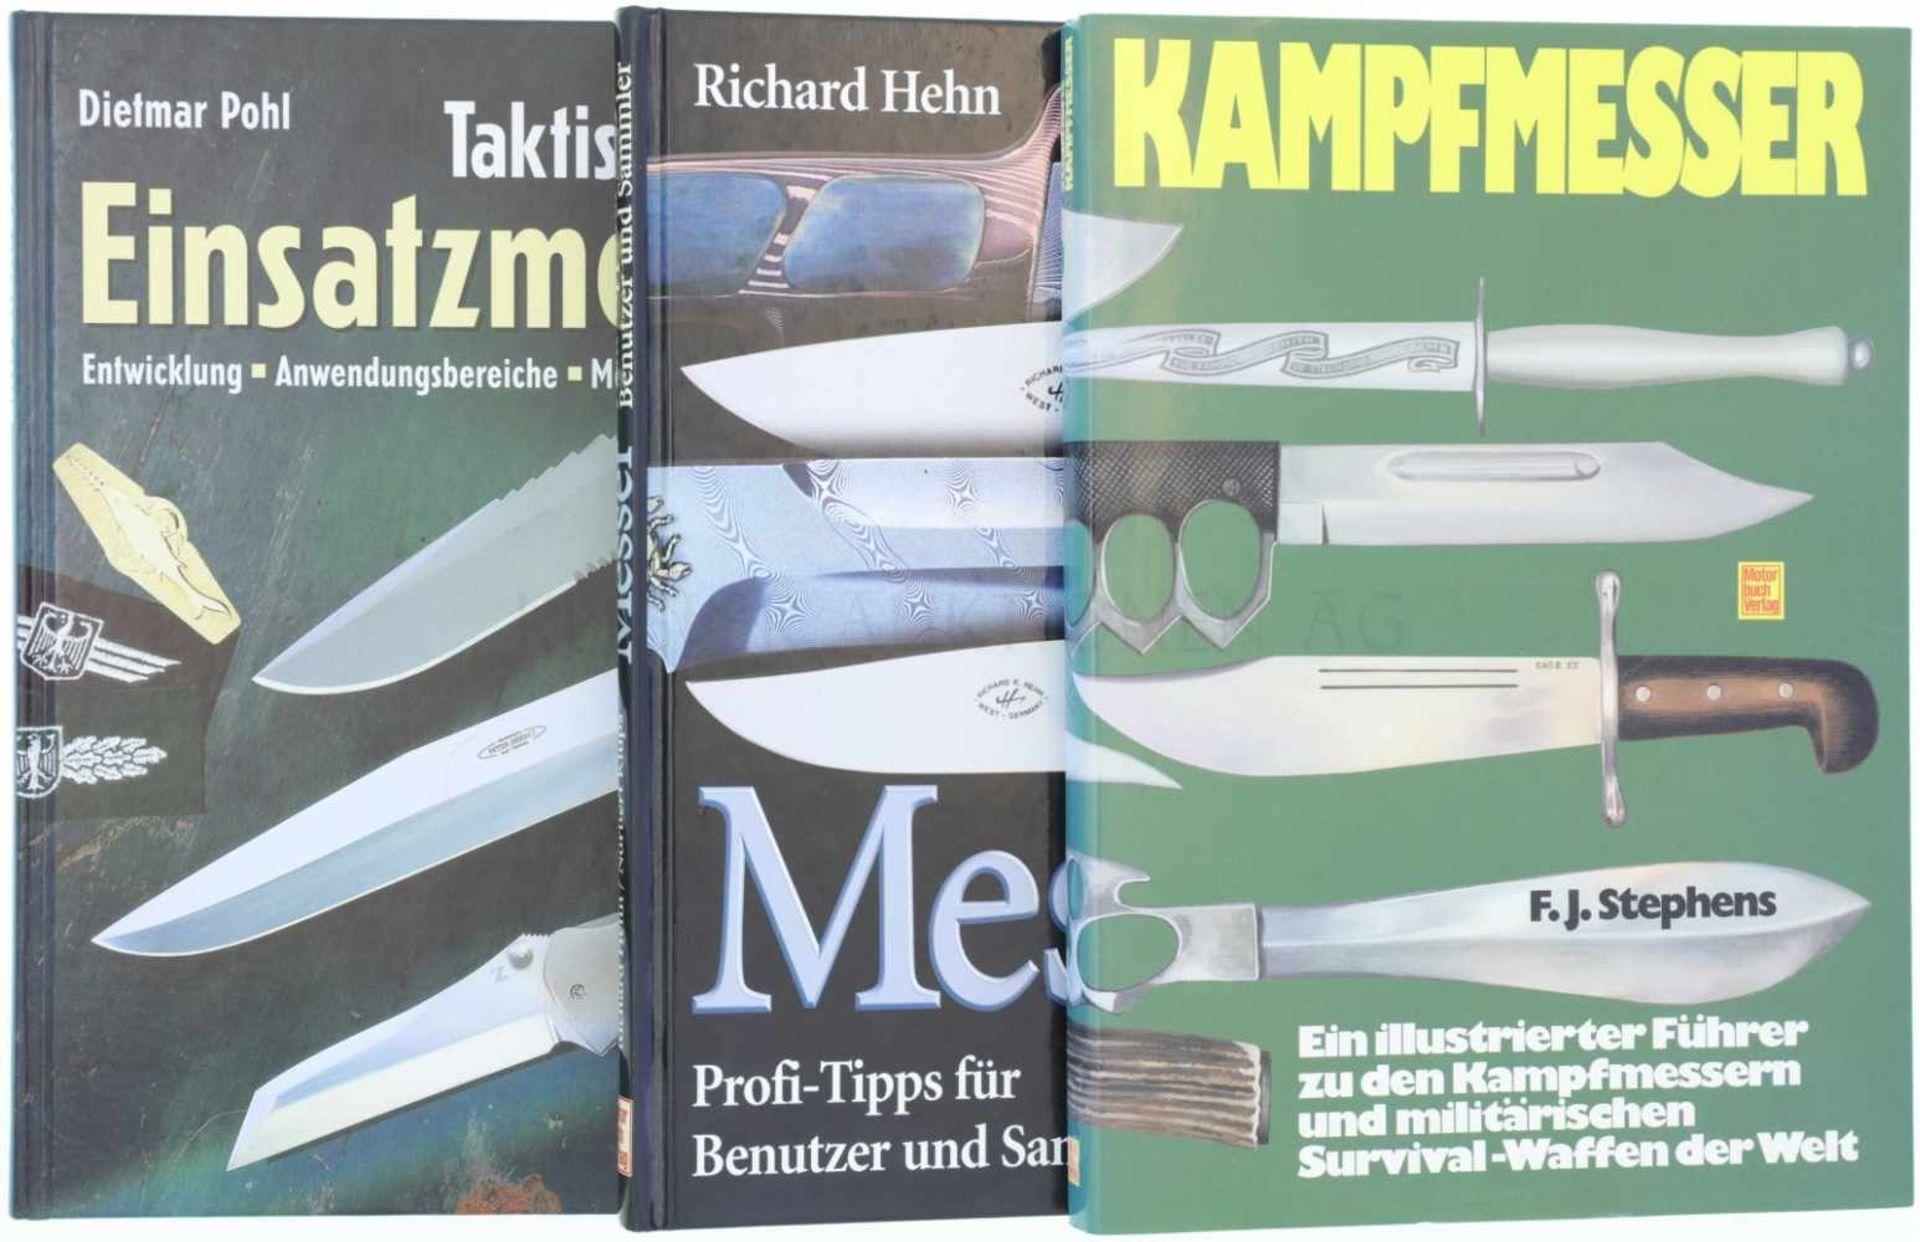 Konvolut von 3 Messer-Büchern 1. Kampfmesser, F.J.Stephens, Illustrierter Führer zu den Kampfmessern